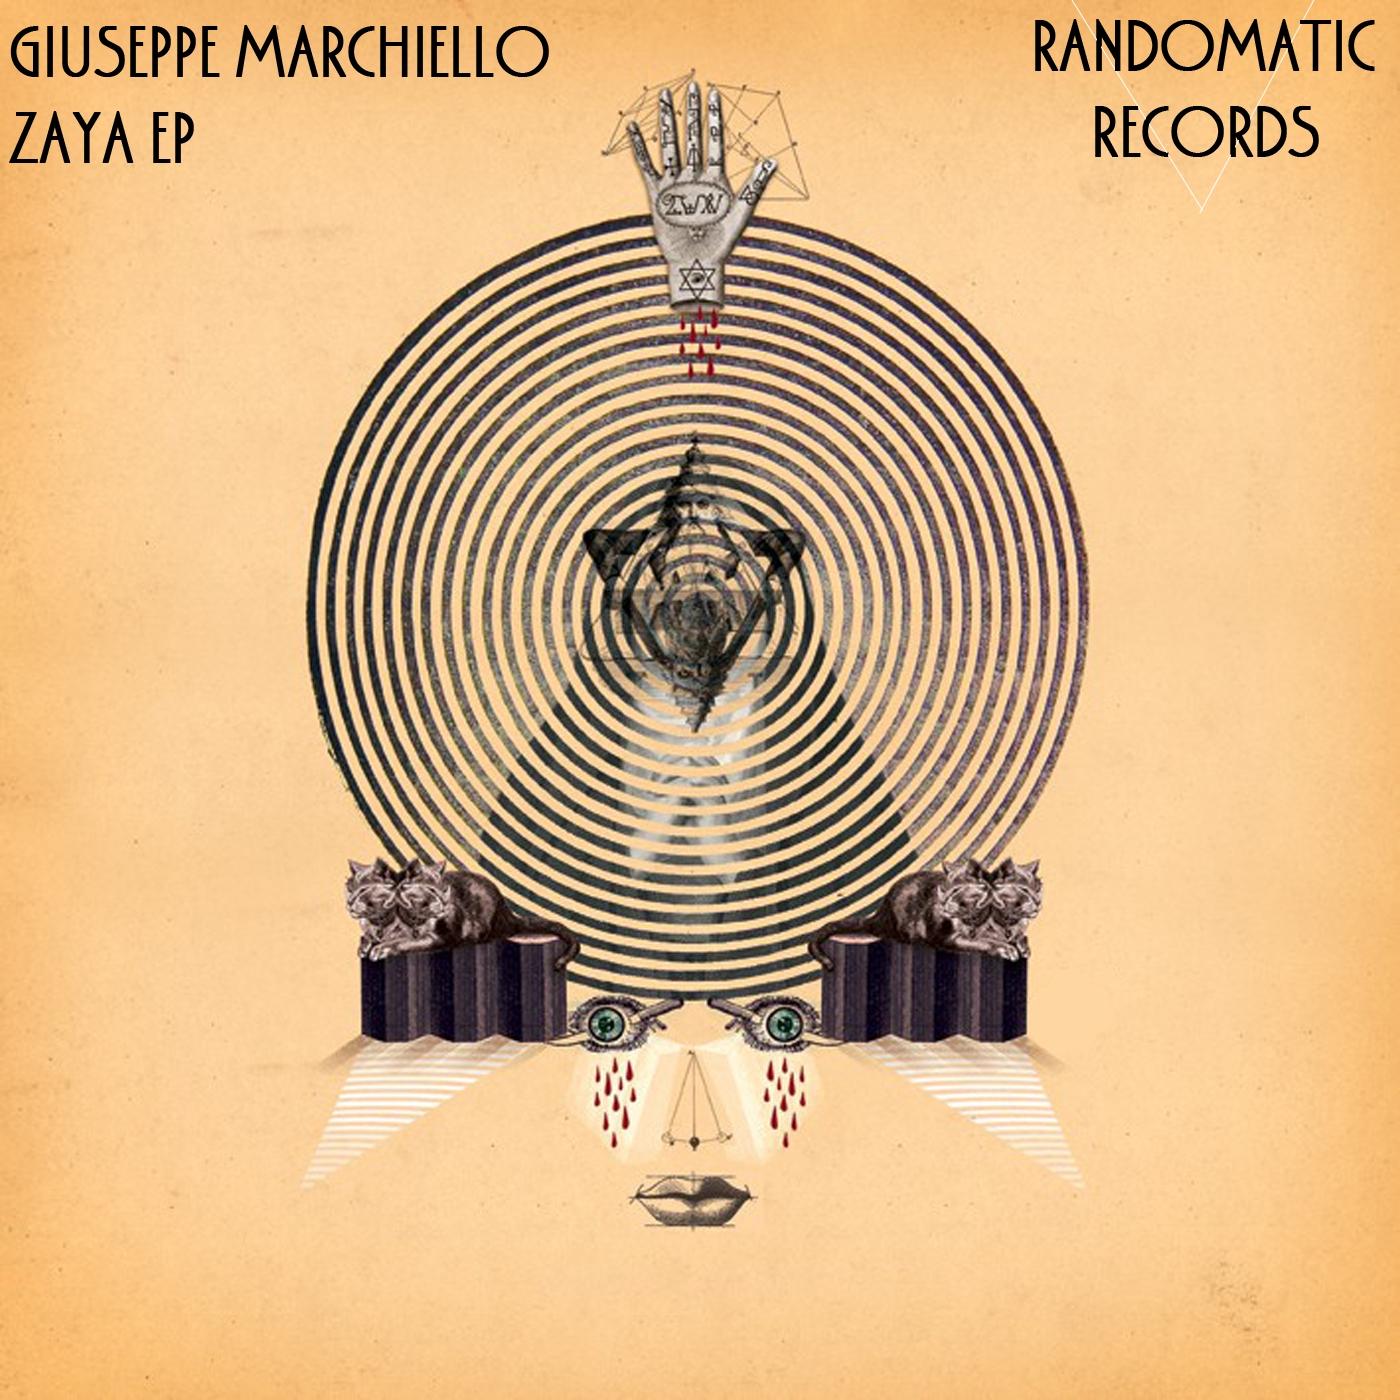 Giuseppe Marchiello - Ein Russiches Madchen In Neapel (Original mix)